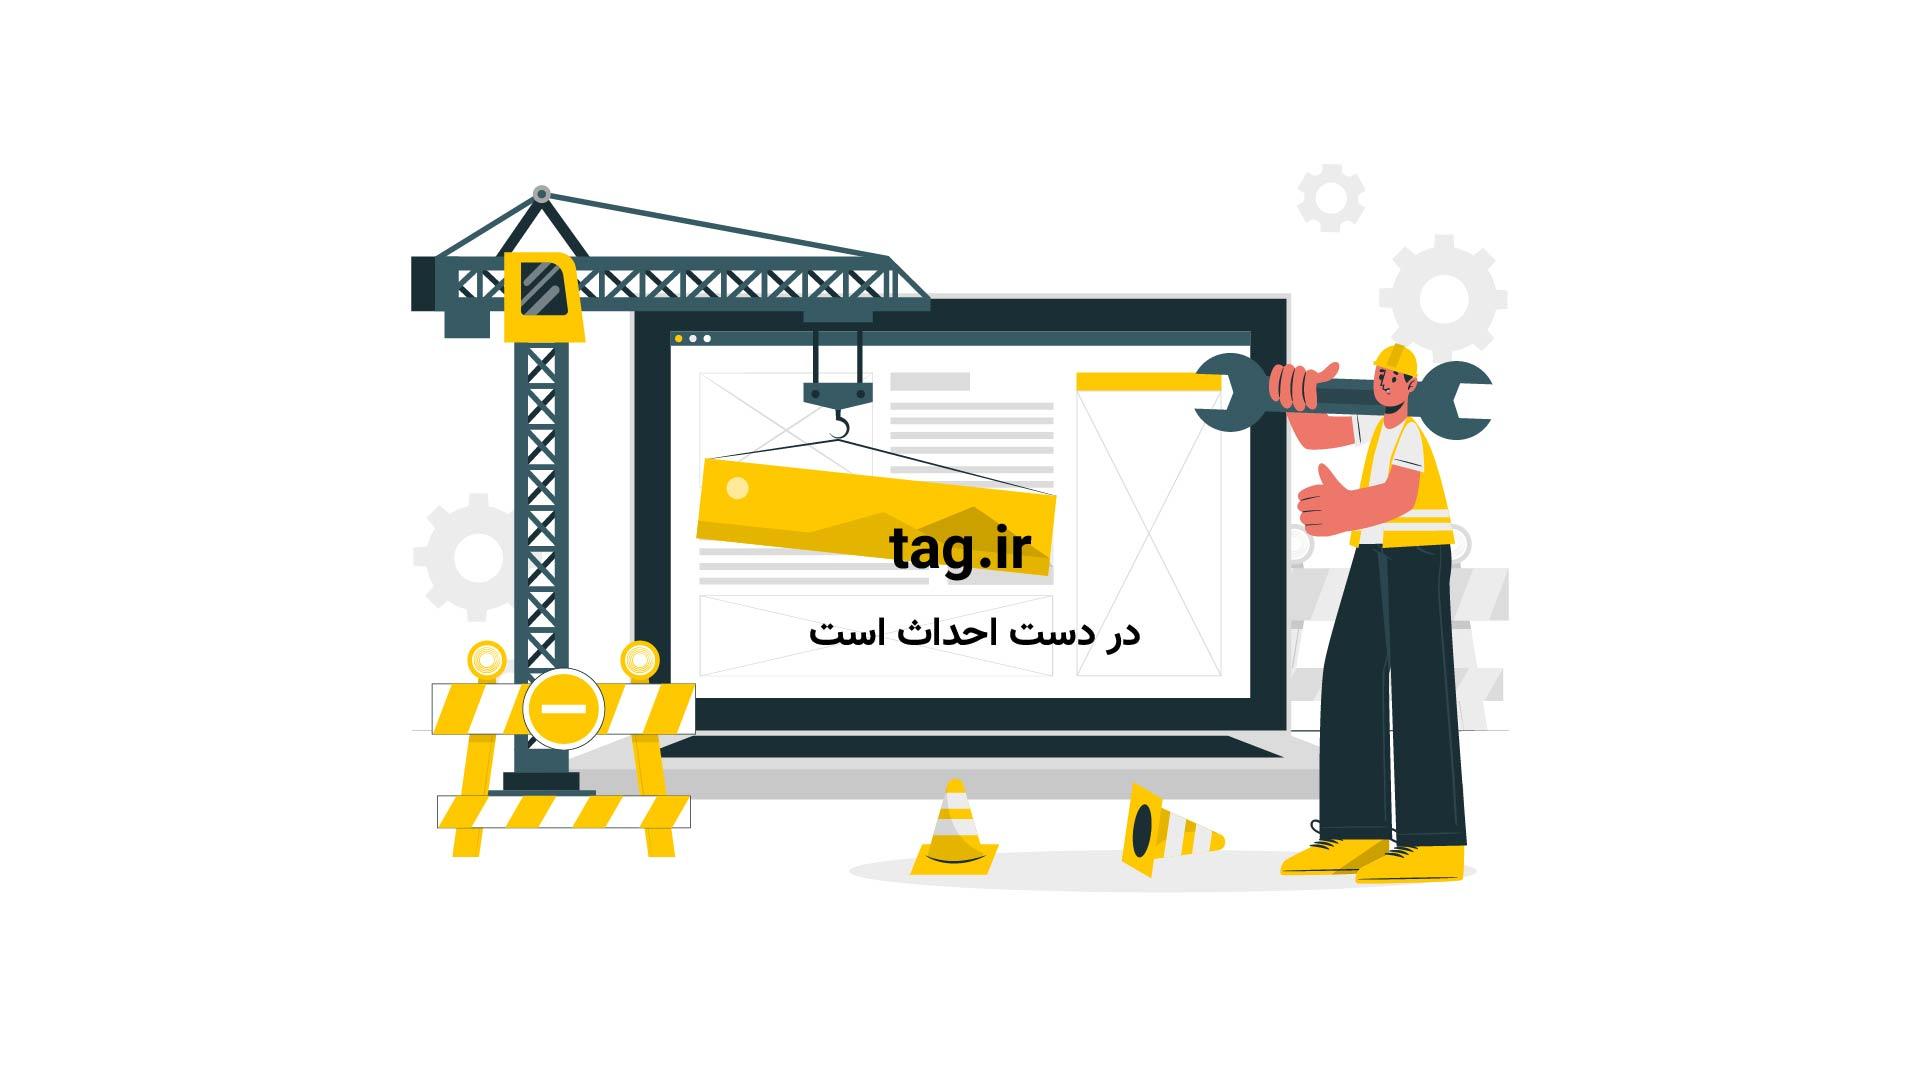 روش جالب مقامات آمریکا برای جلوگیری از تبخیر آب دریاچه + فیلم